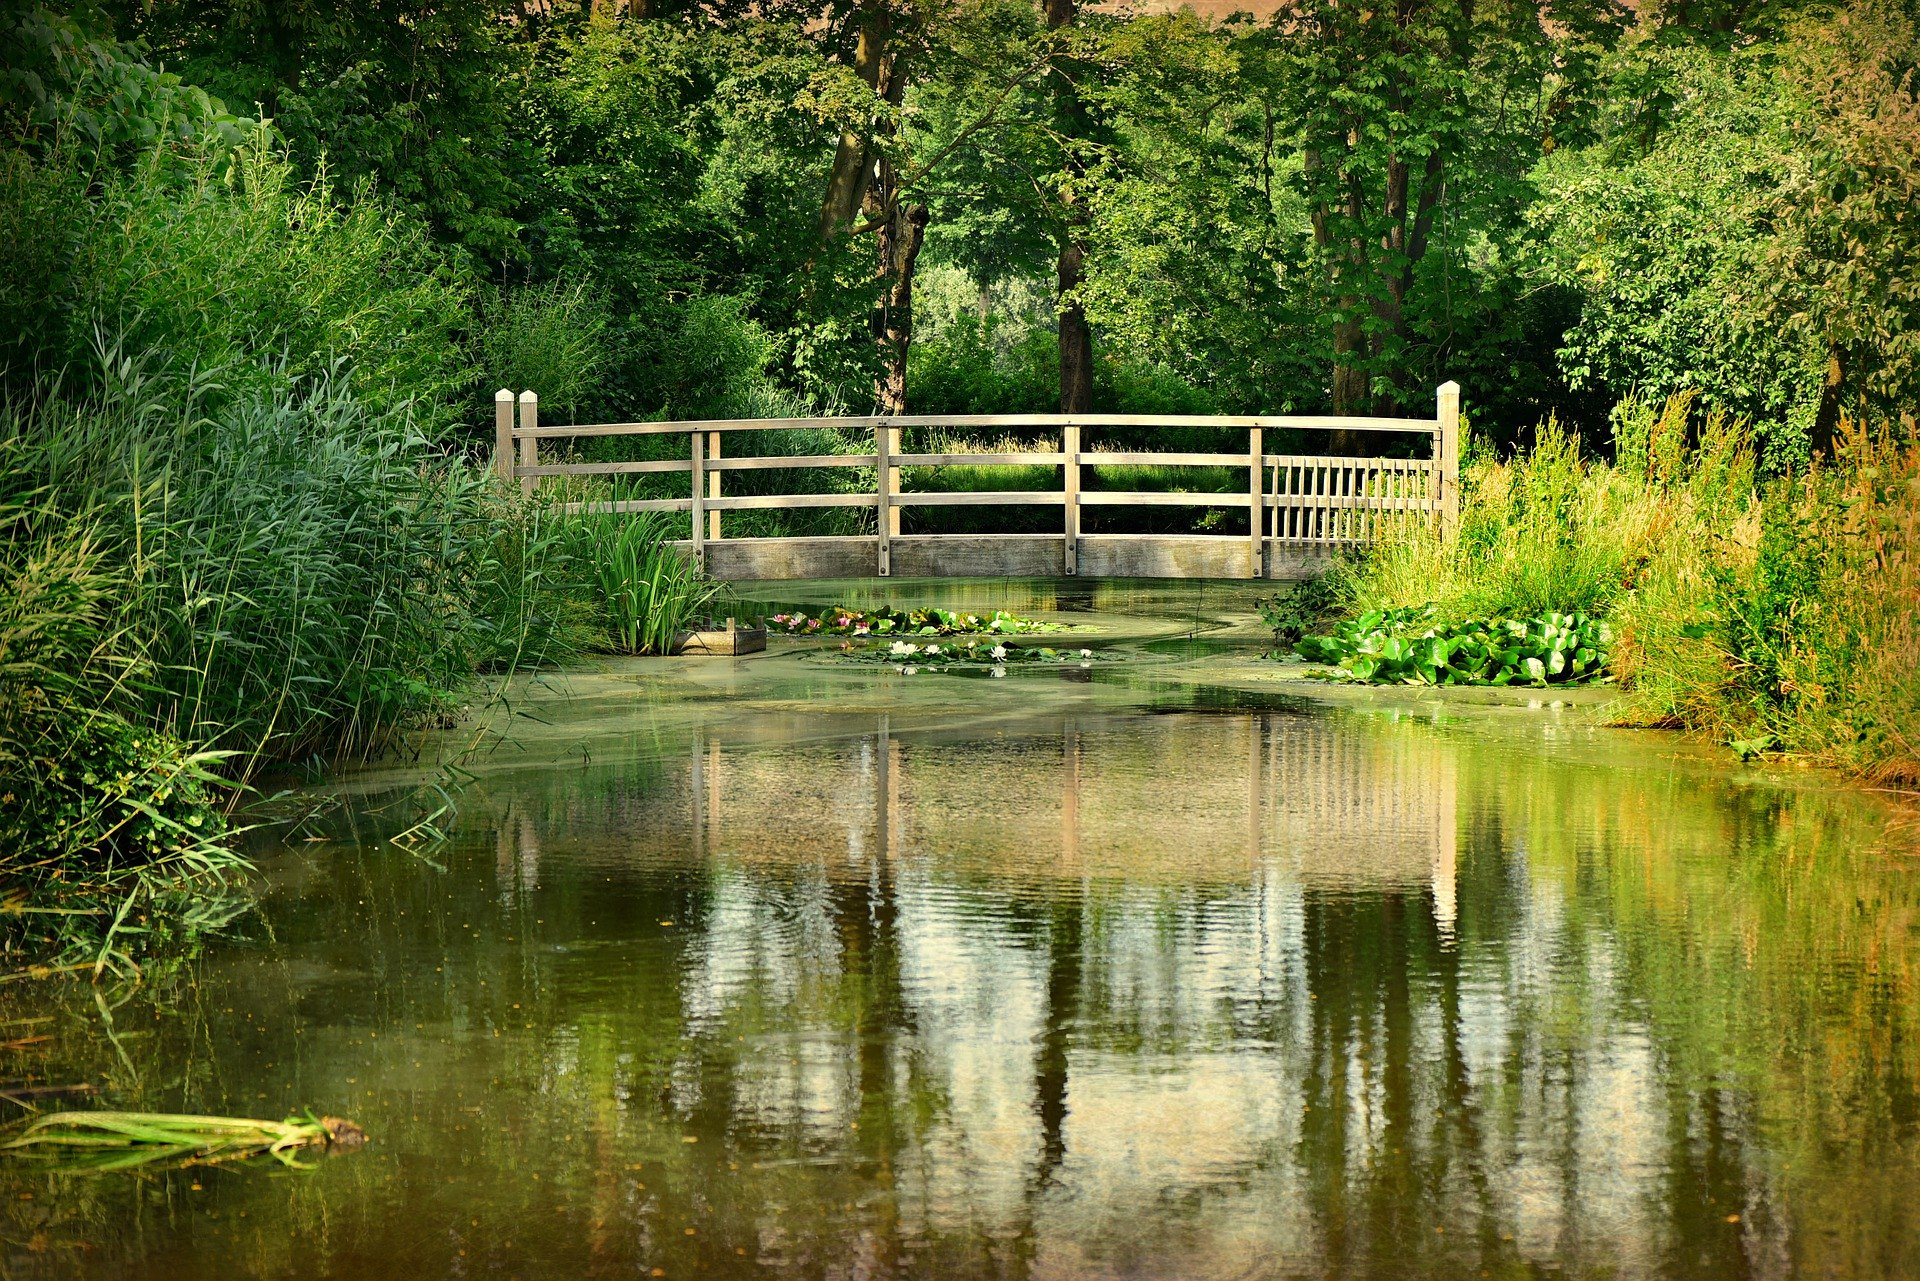 Ein Teich im Garten ist ein zeitloses dekoratives Element, besonders wenn er mit Pflanzen bepflanzt ist und Wasser aus ihm sprudelt.